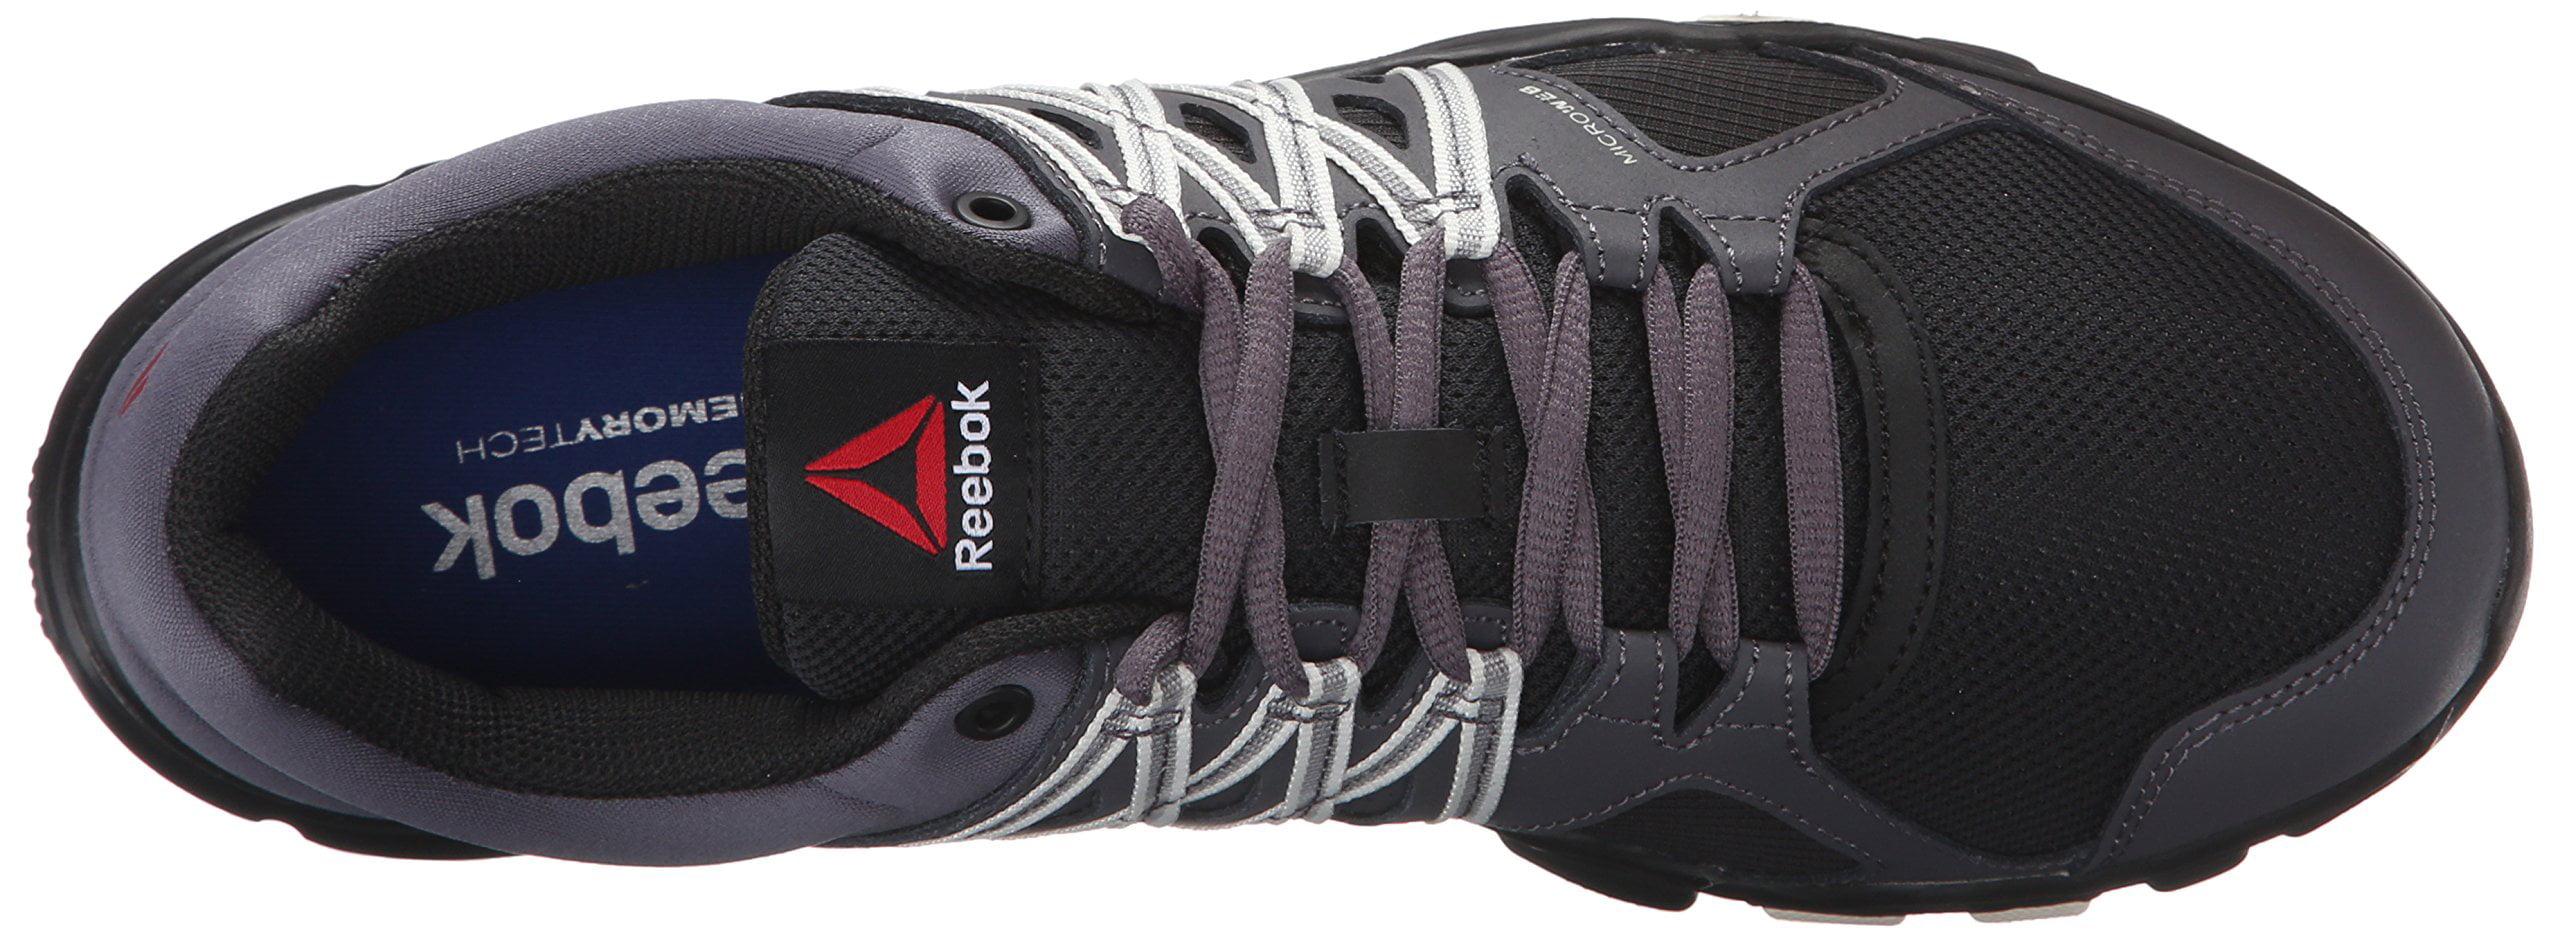 b8cd0771ab4d83 Reebok - Reebok AR3232   Men s Yourflex Train 8.0 L MT Training Shoe (9 D(M)  US